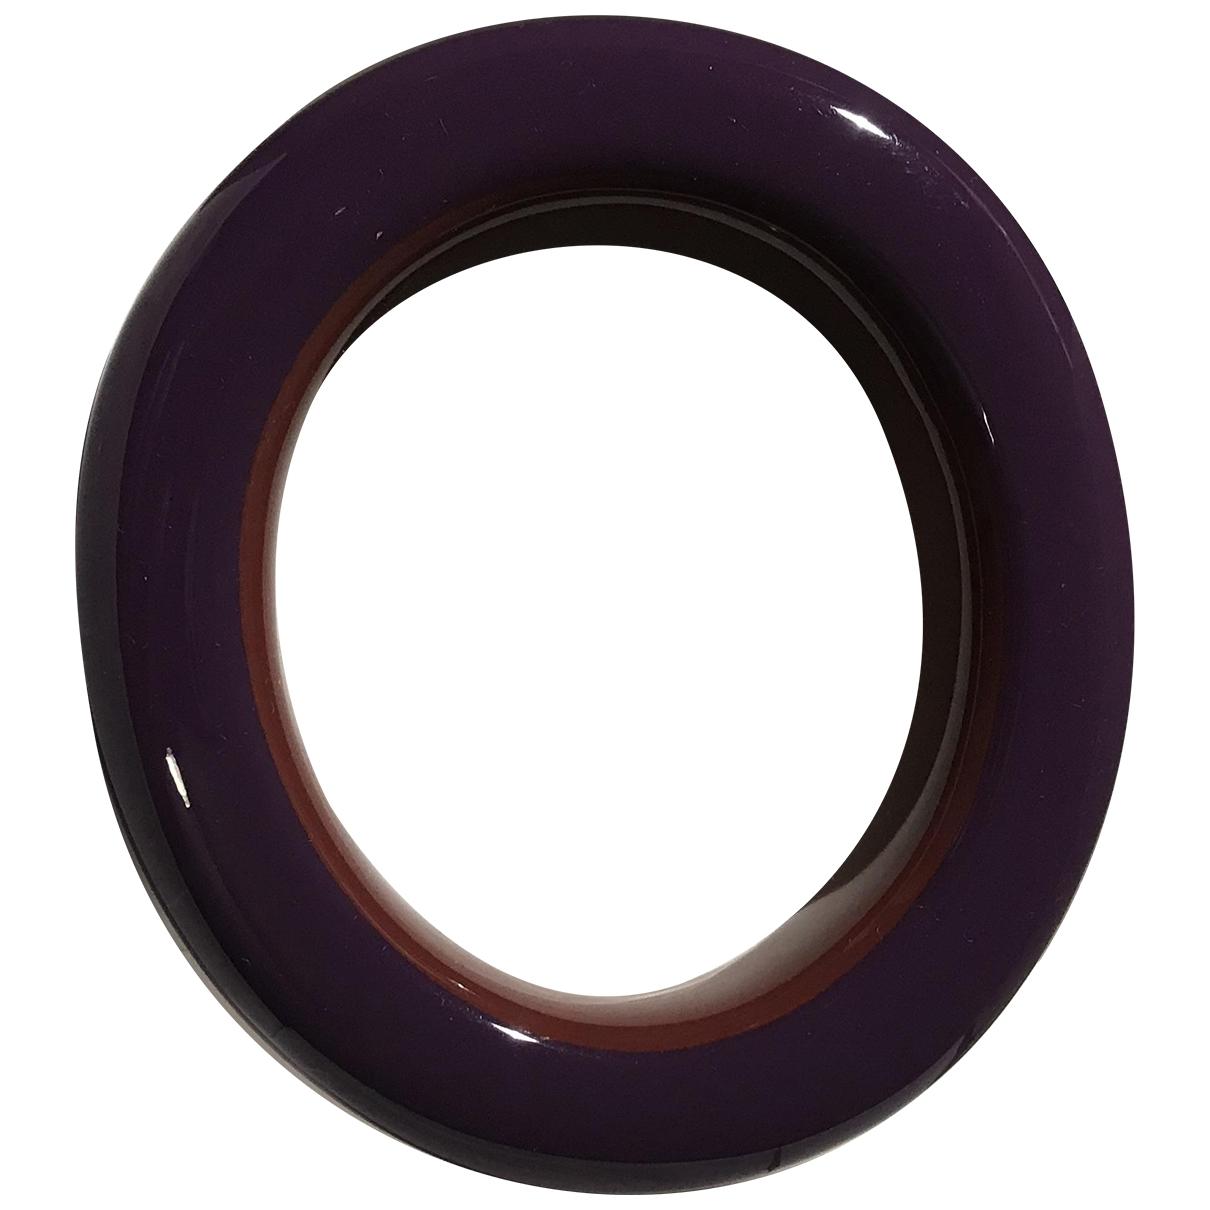 Hermes - Bracelet   pour femme - violet